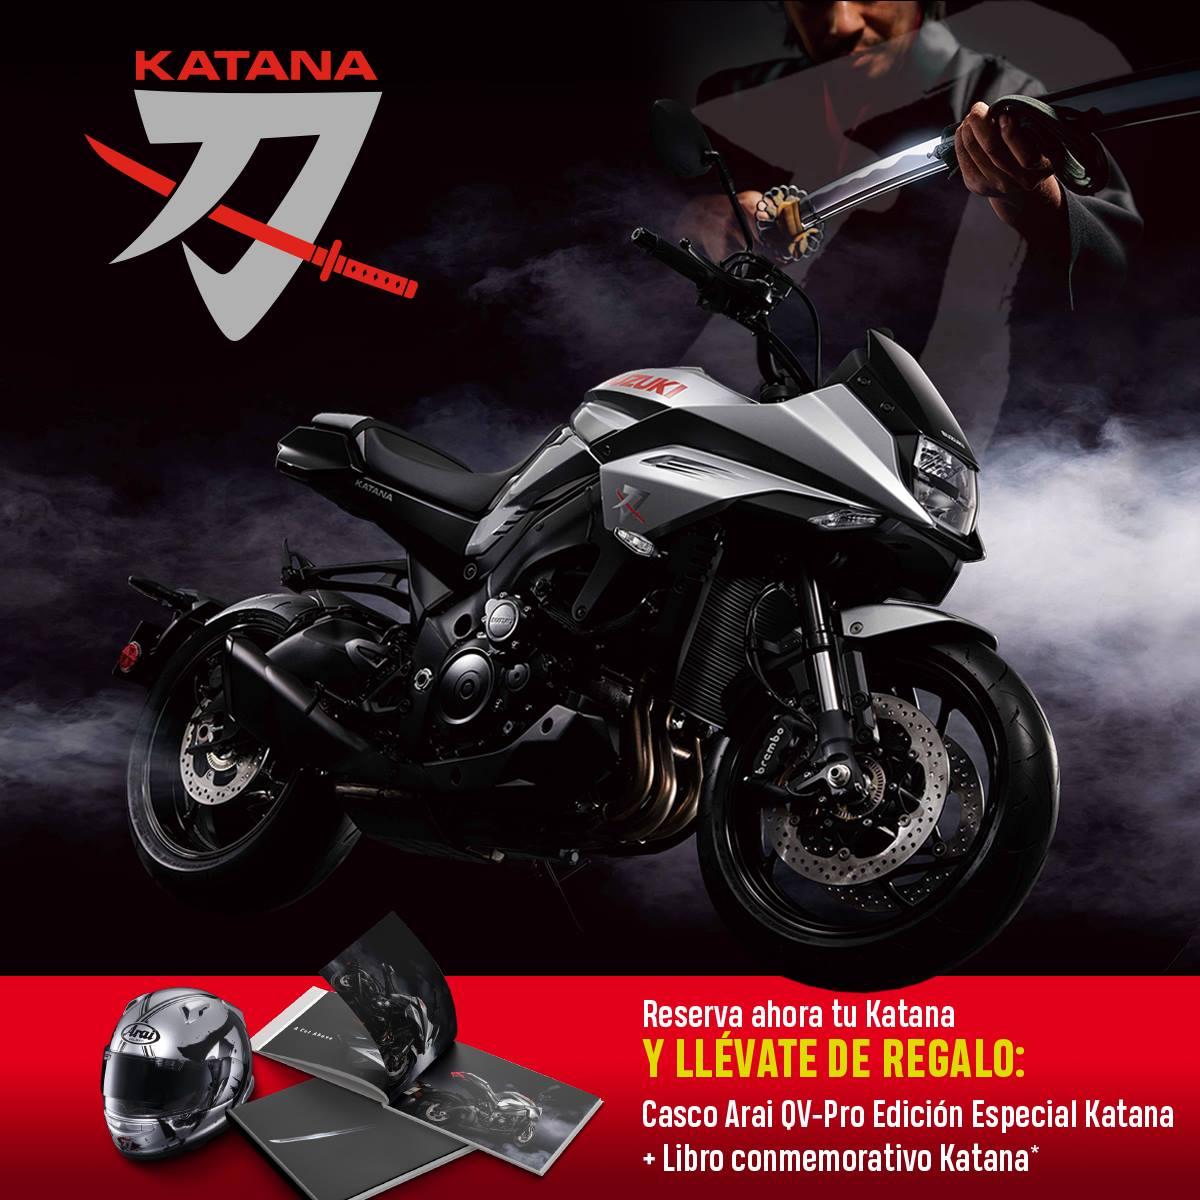 Suzuki Katana 2019 Promo